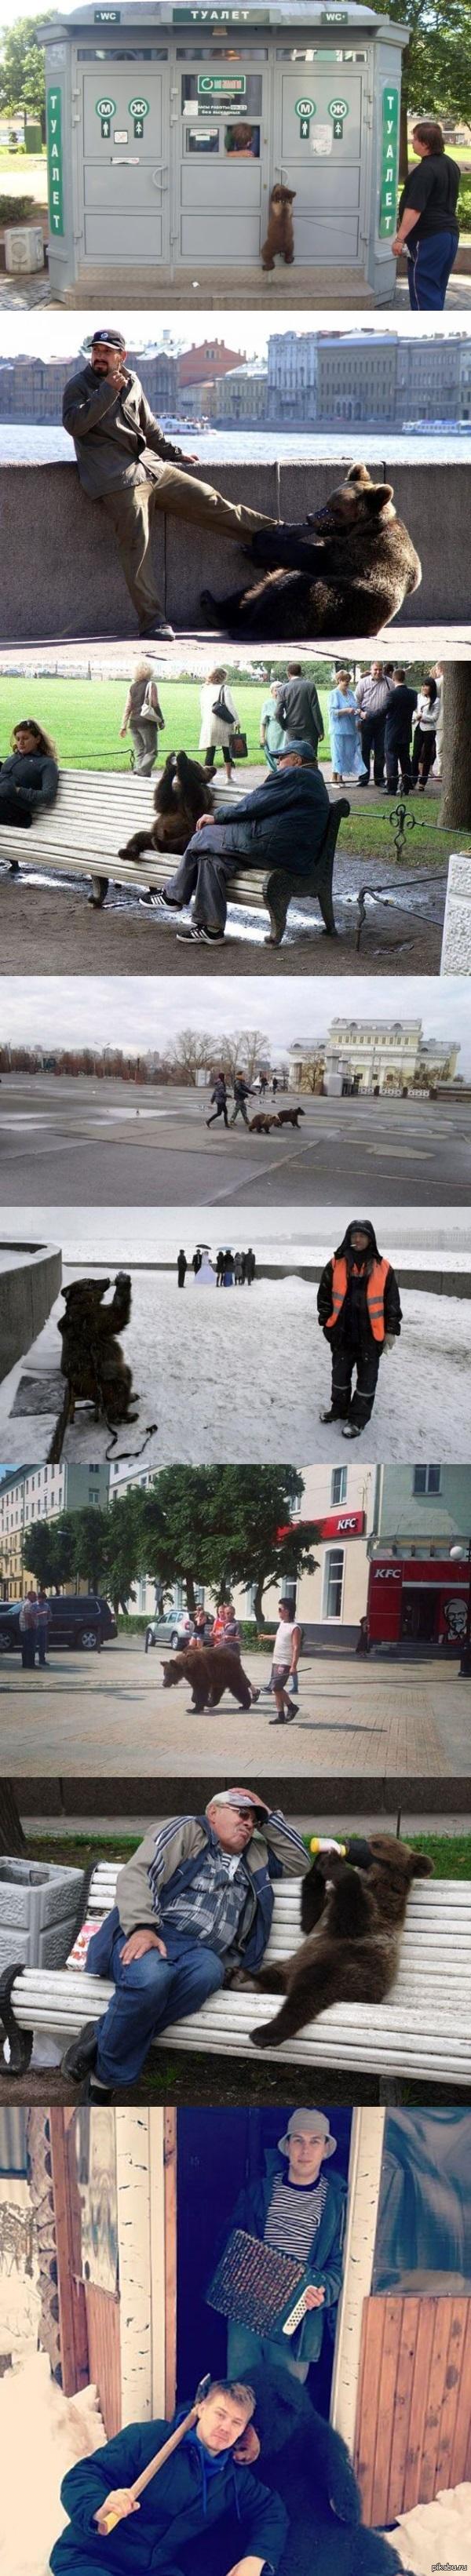 Медведи на улицах. Только прошу, не показывайте это американцам